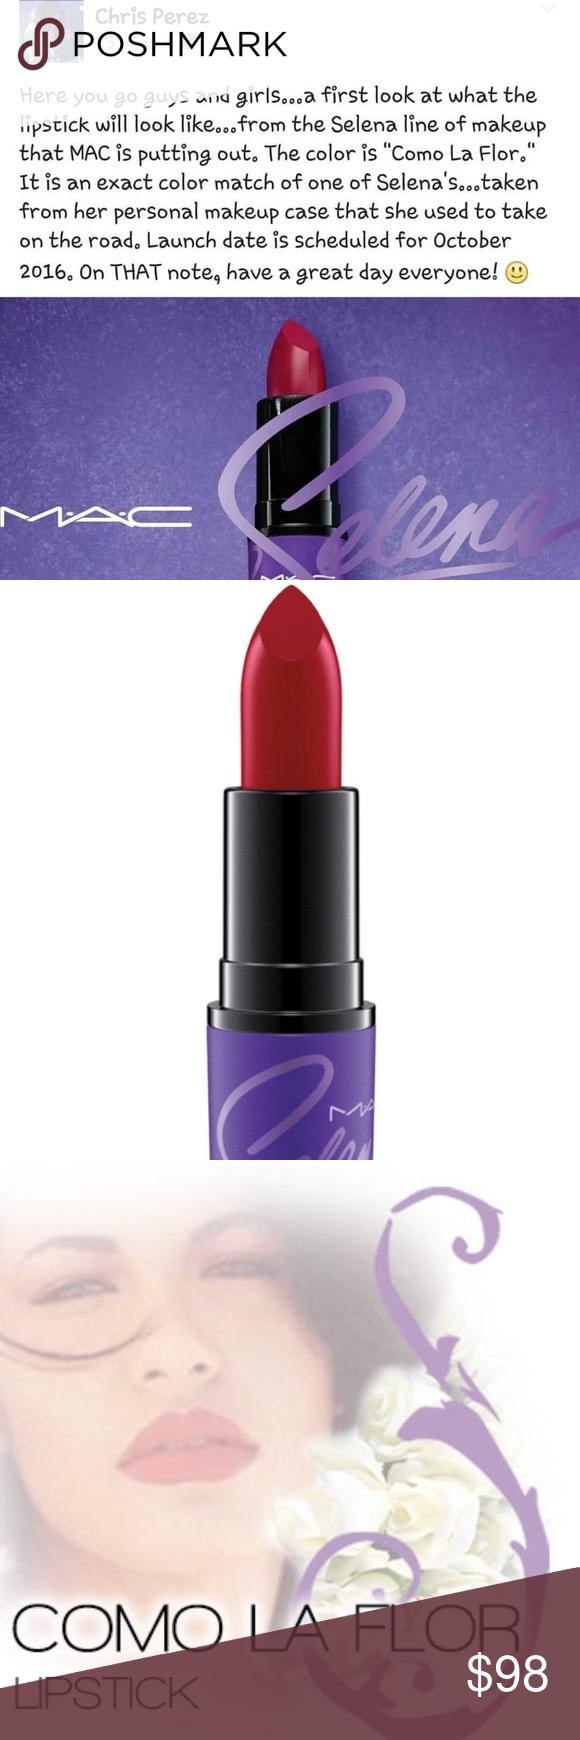 MAC Selena como la flor lipstick ltd. edition 💜 MAC Selena